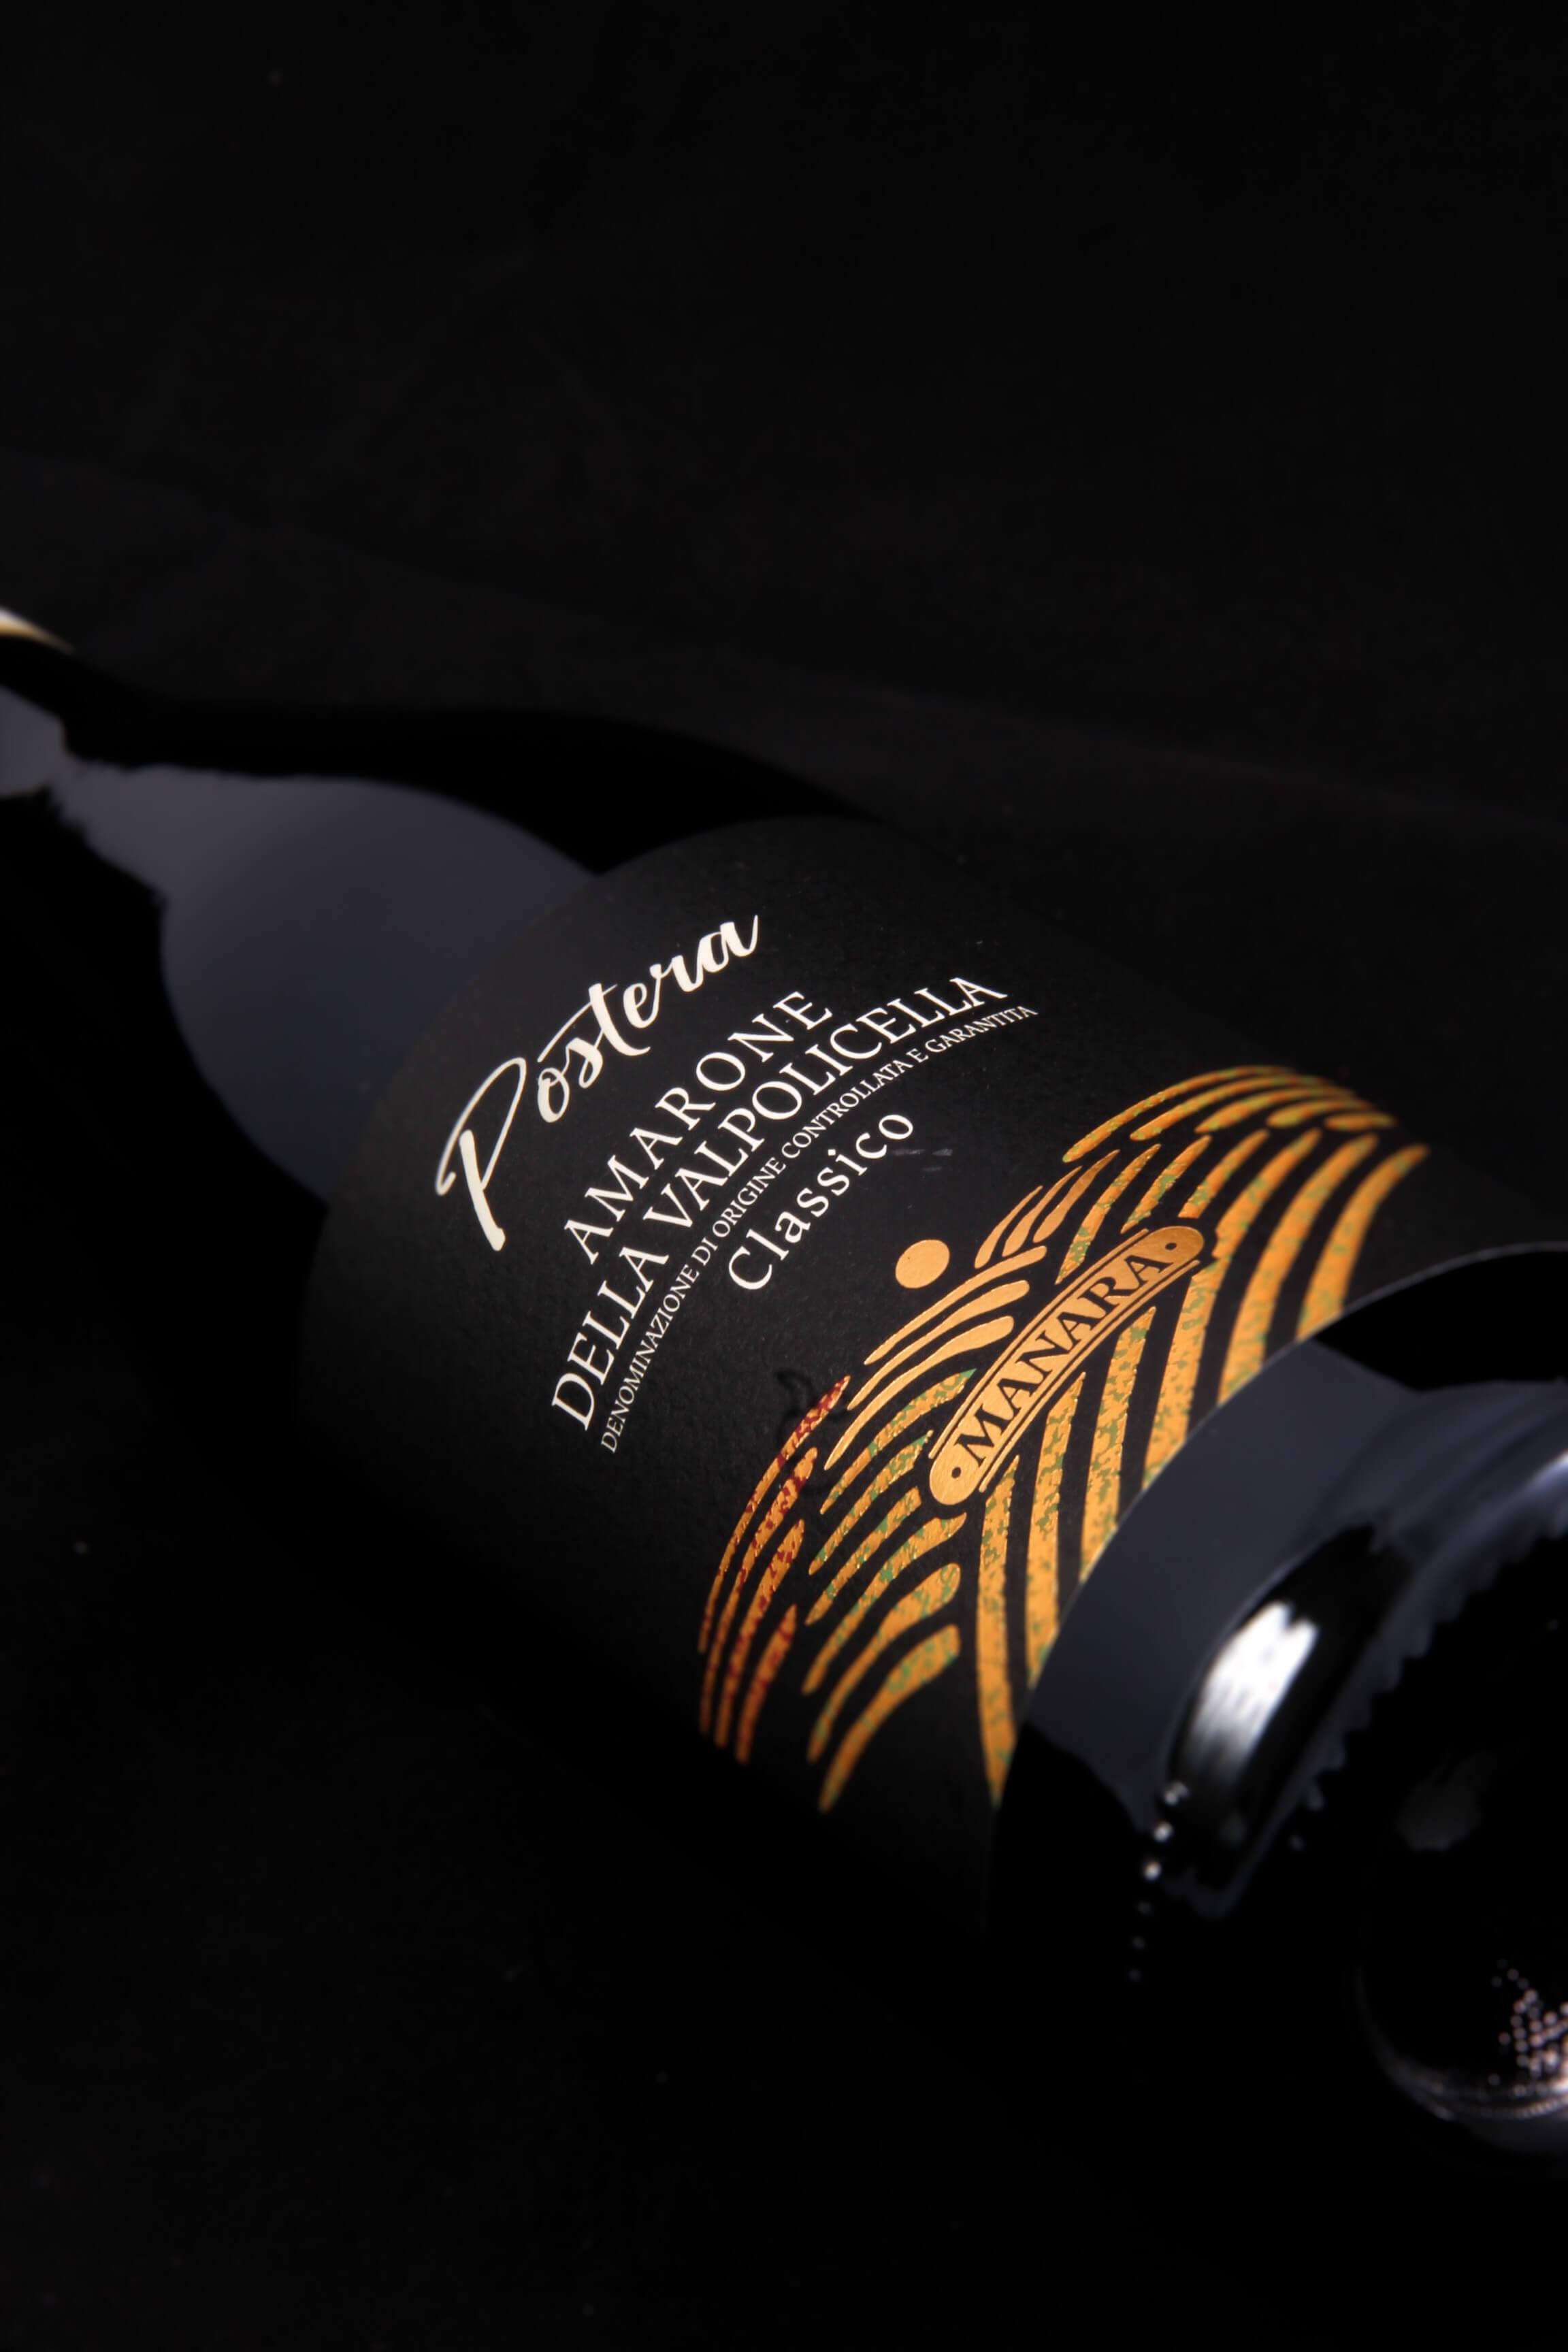 vino_nostrum-importadora_de_vinos_y_alimentos_ok13